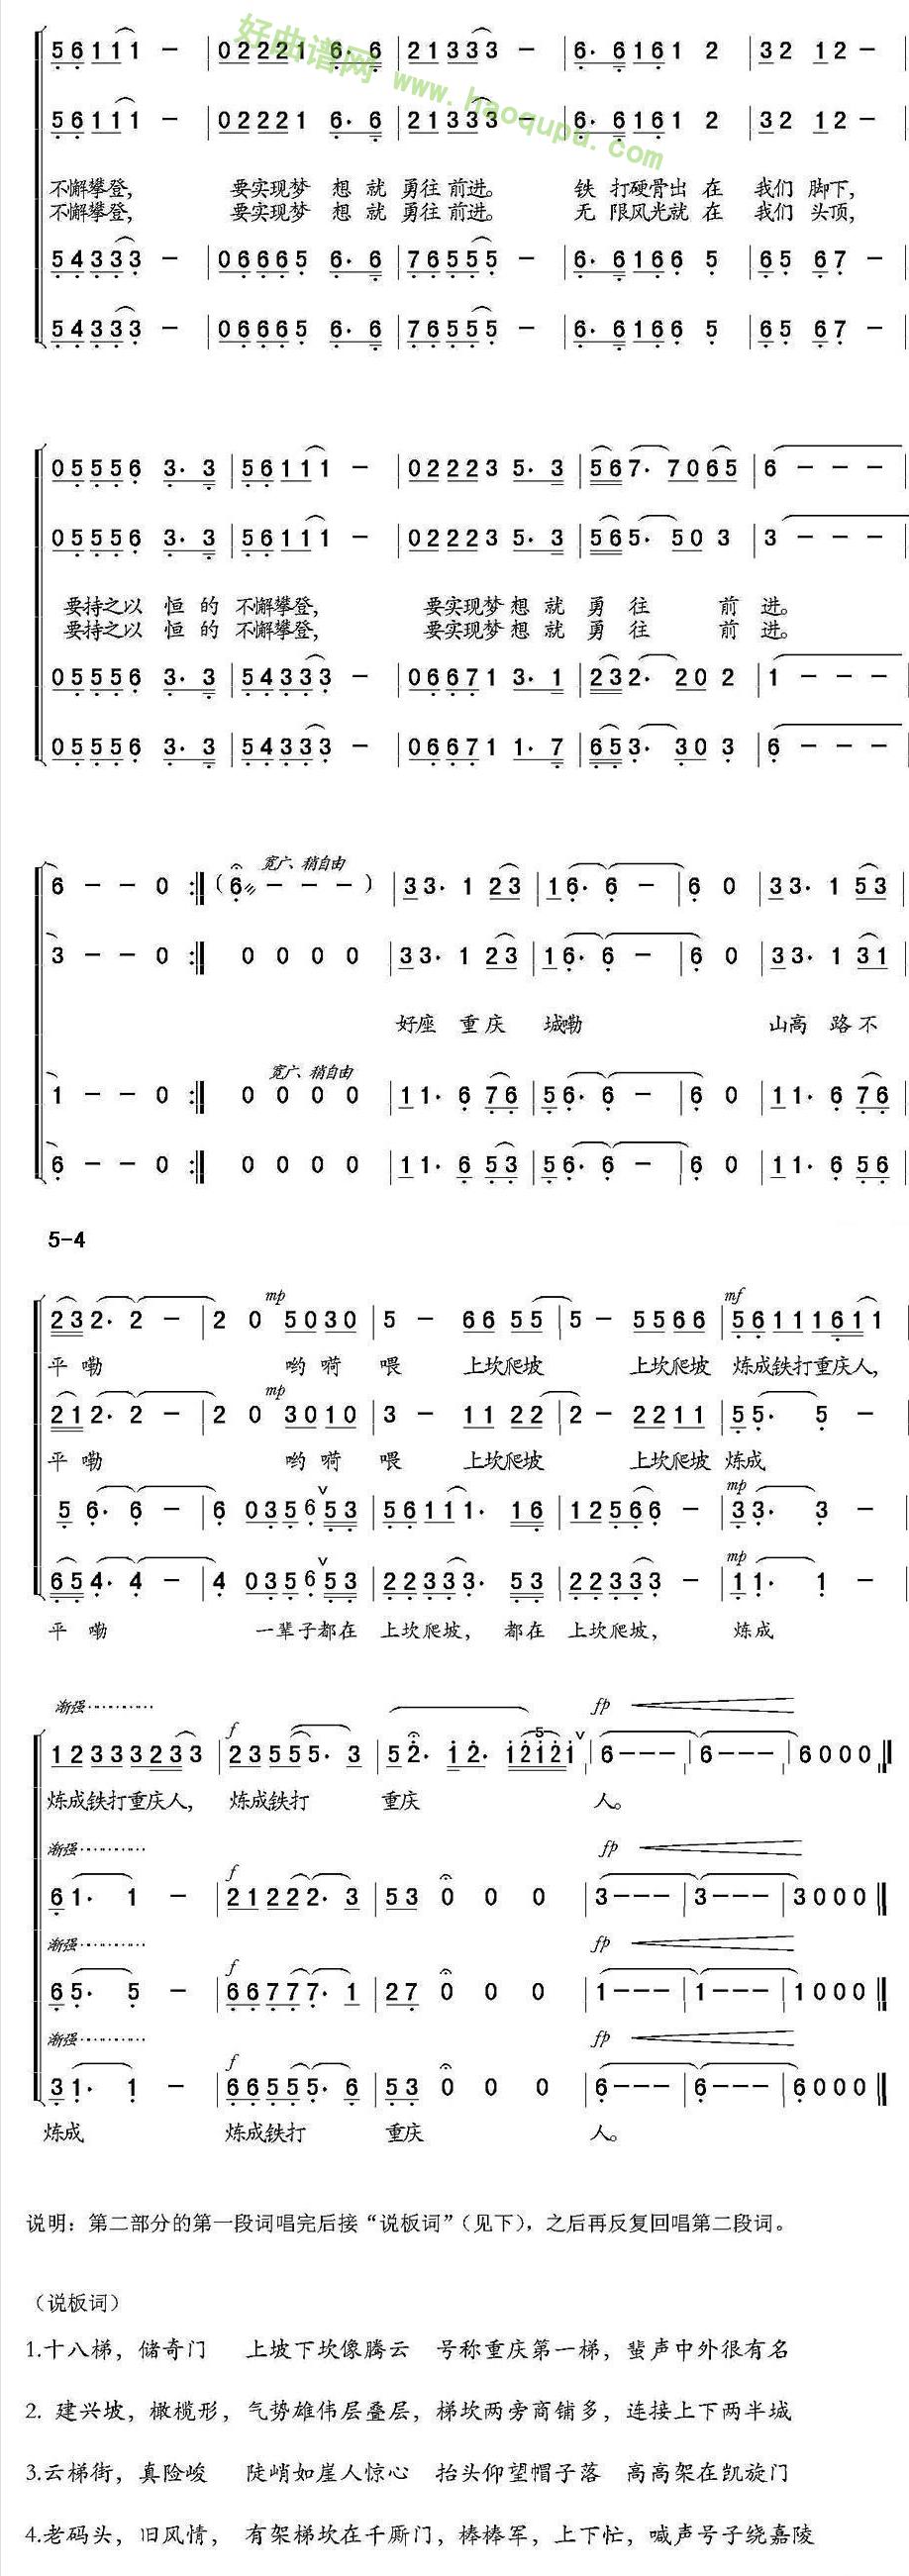 《上坎爬坡重庆人》 合唱谱第2张